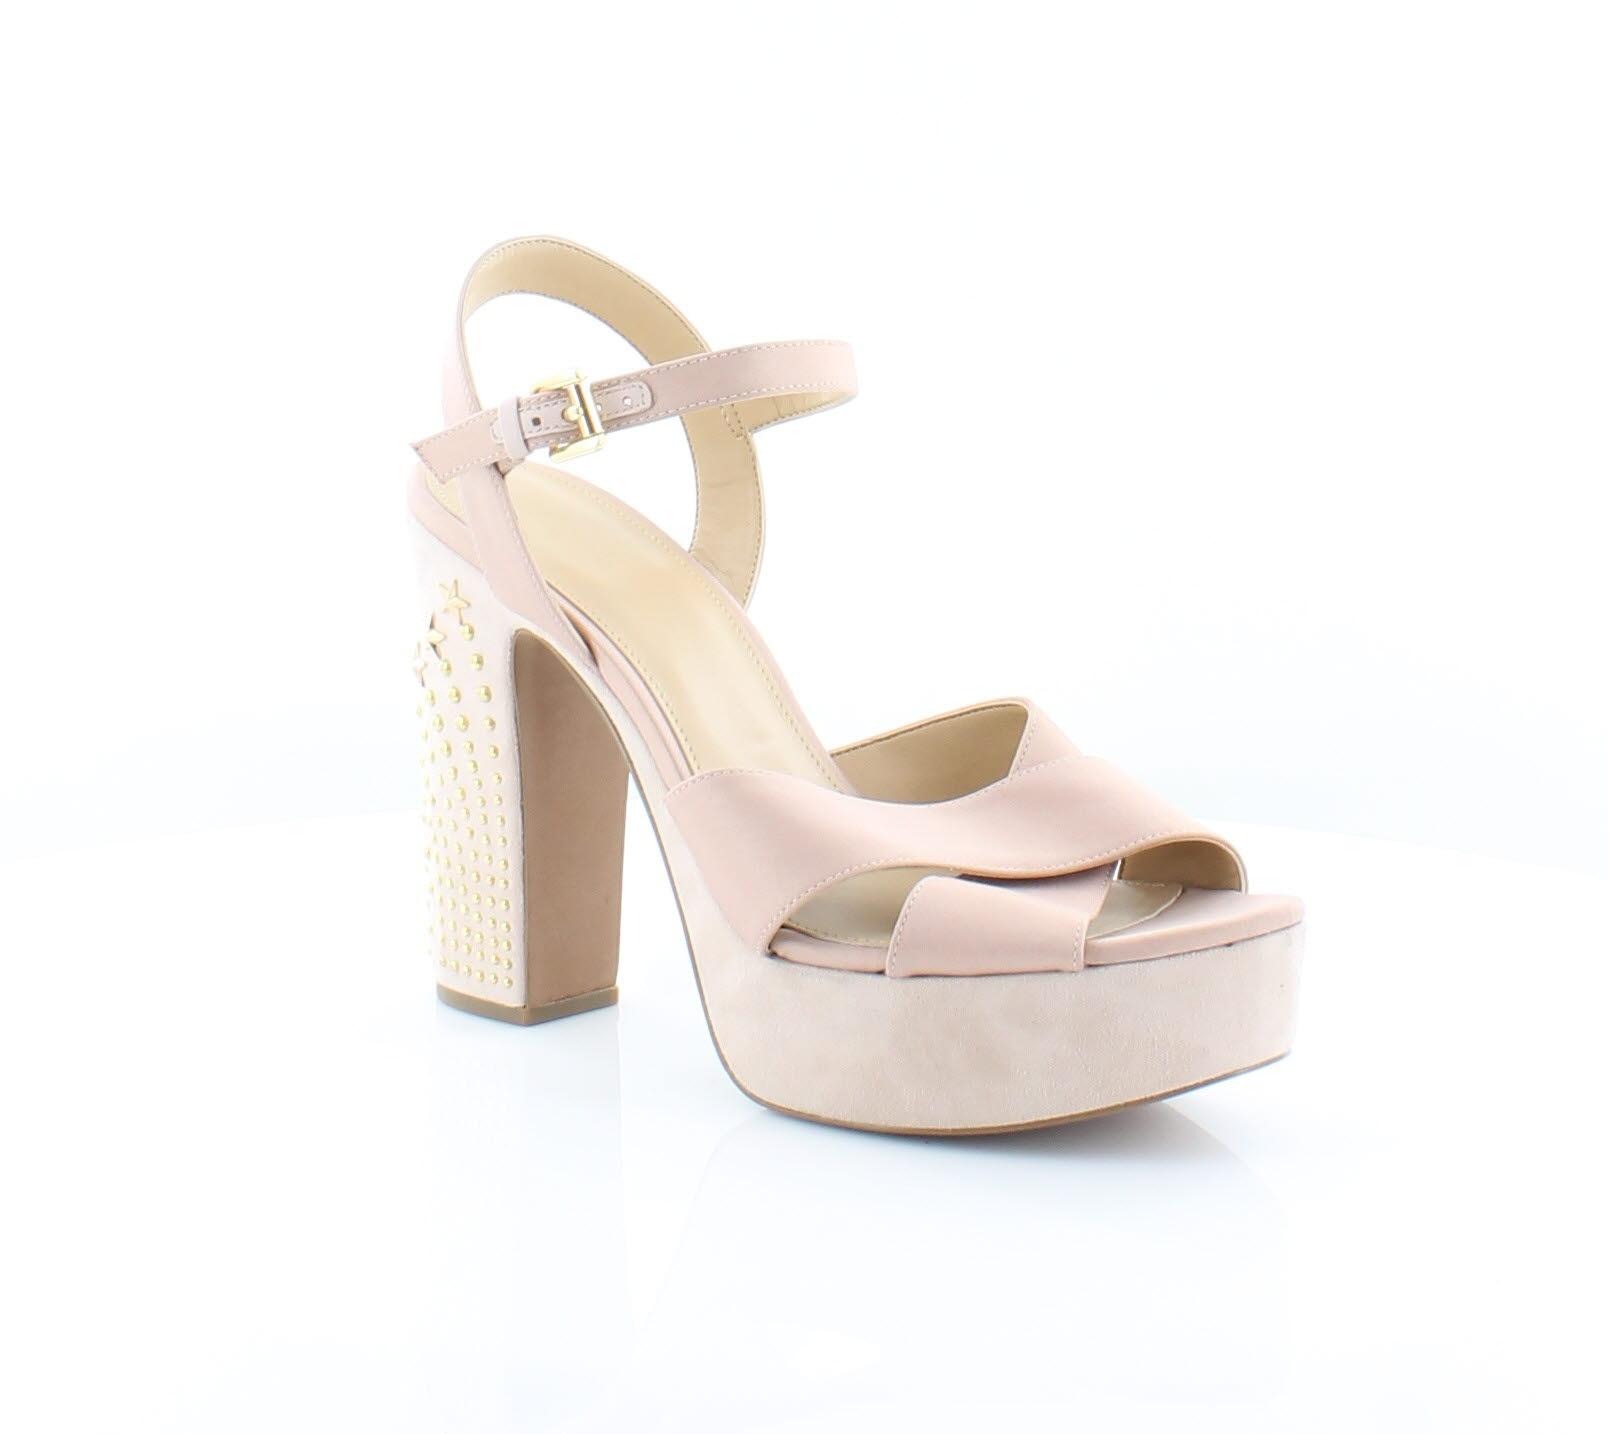 d3956767c6 Michael Kors Sia Platform Pink Womens Shoes Size 10 M Sandals MSRP $170